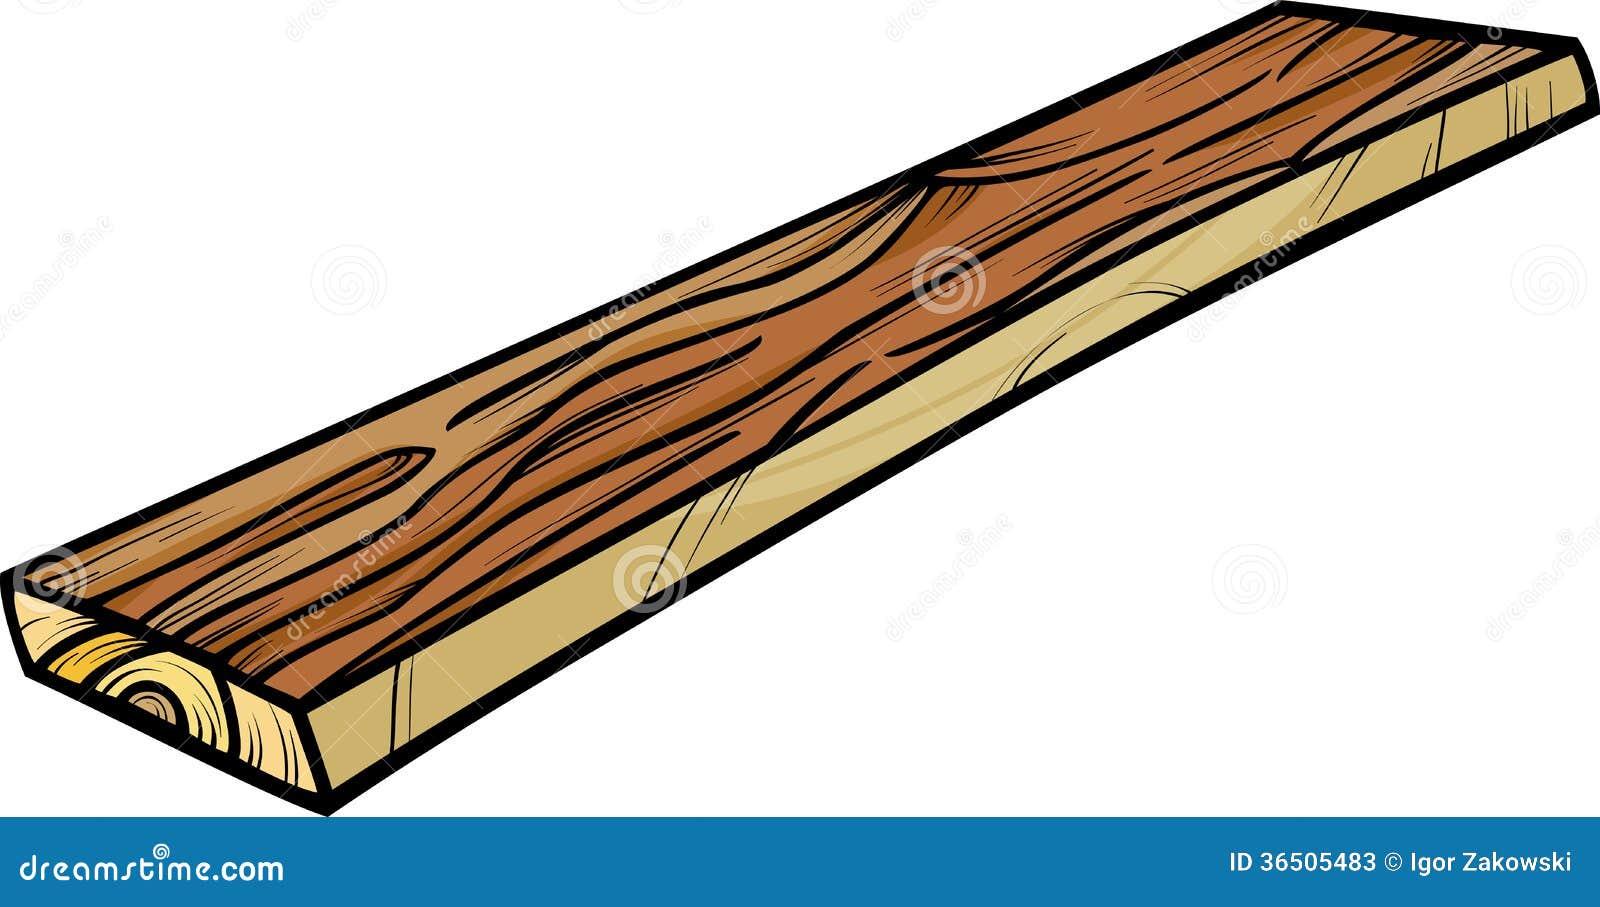 Clipart images graphiques de bande dessin e de planche - Planche a dessin en bois ...